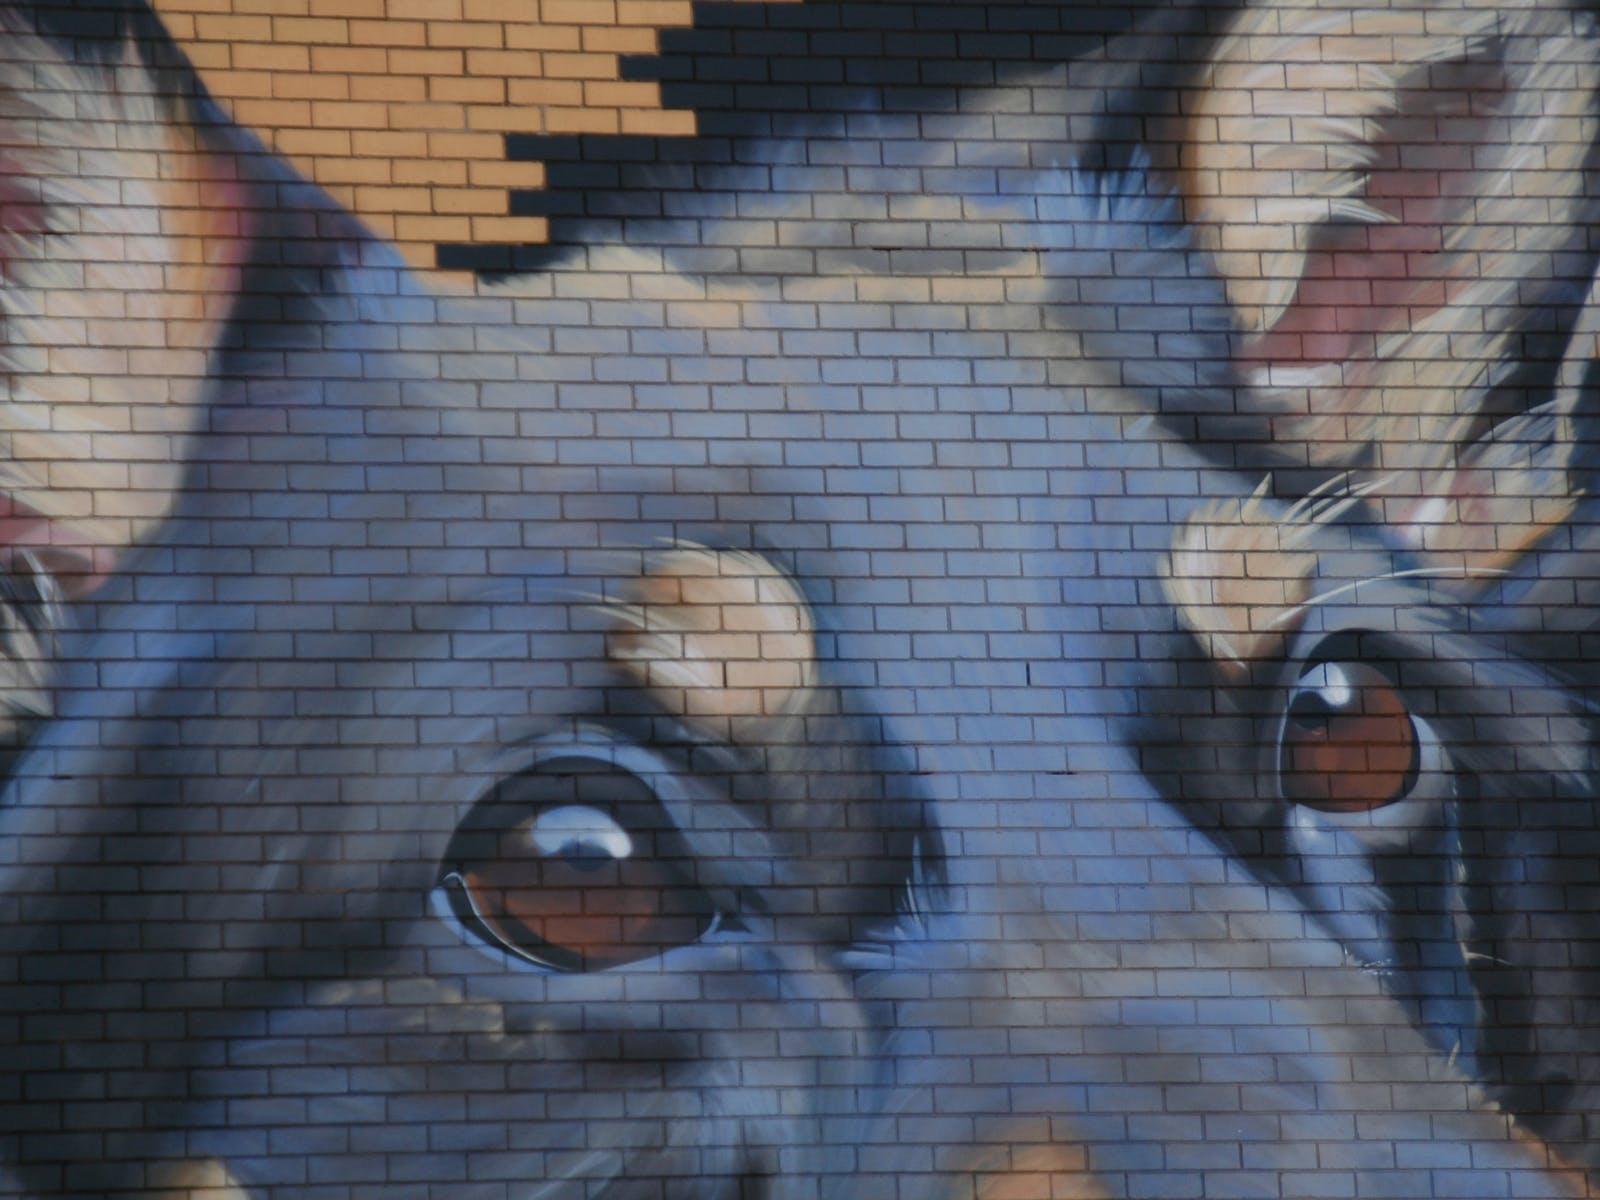 Kelpie wall